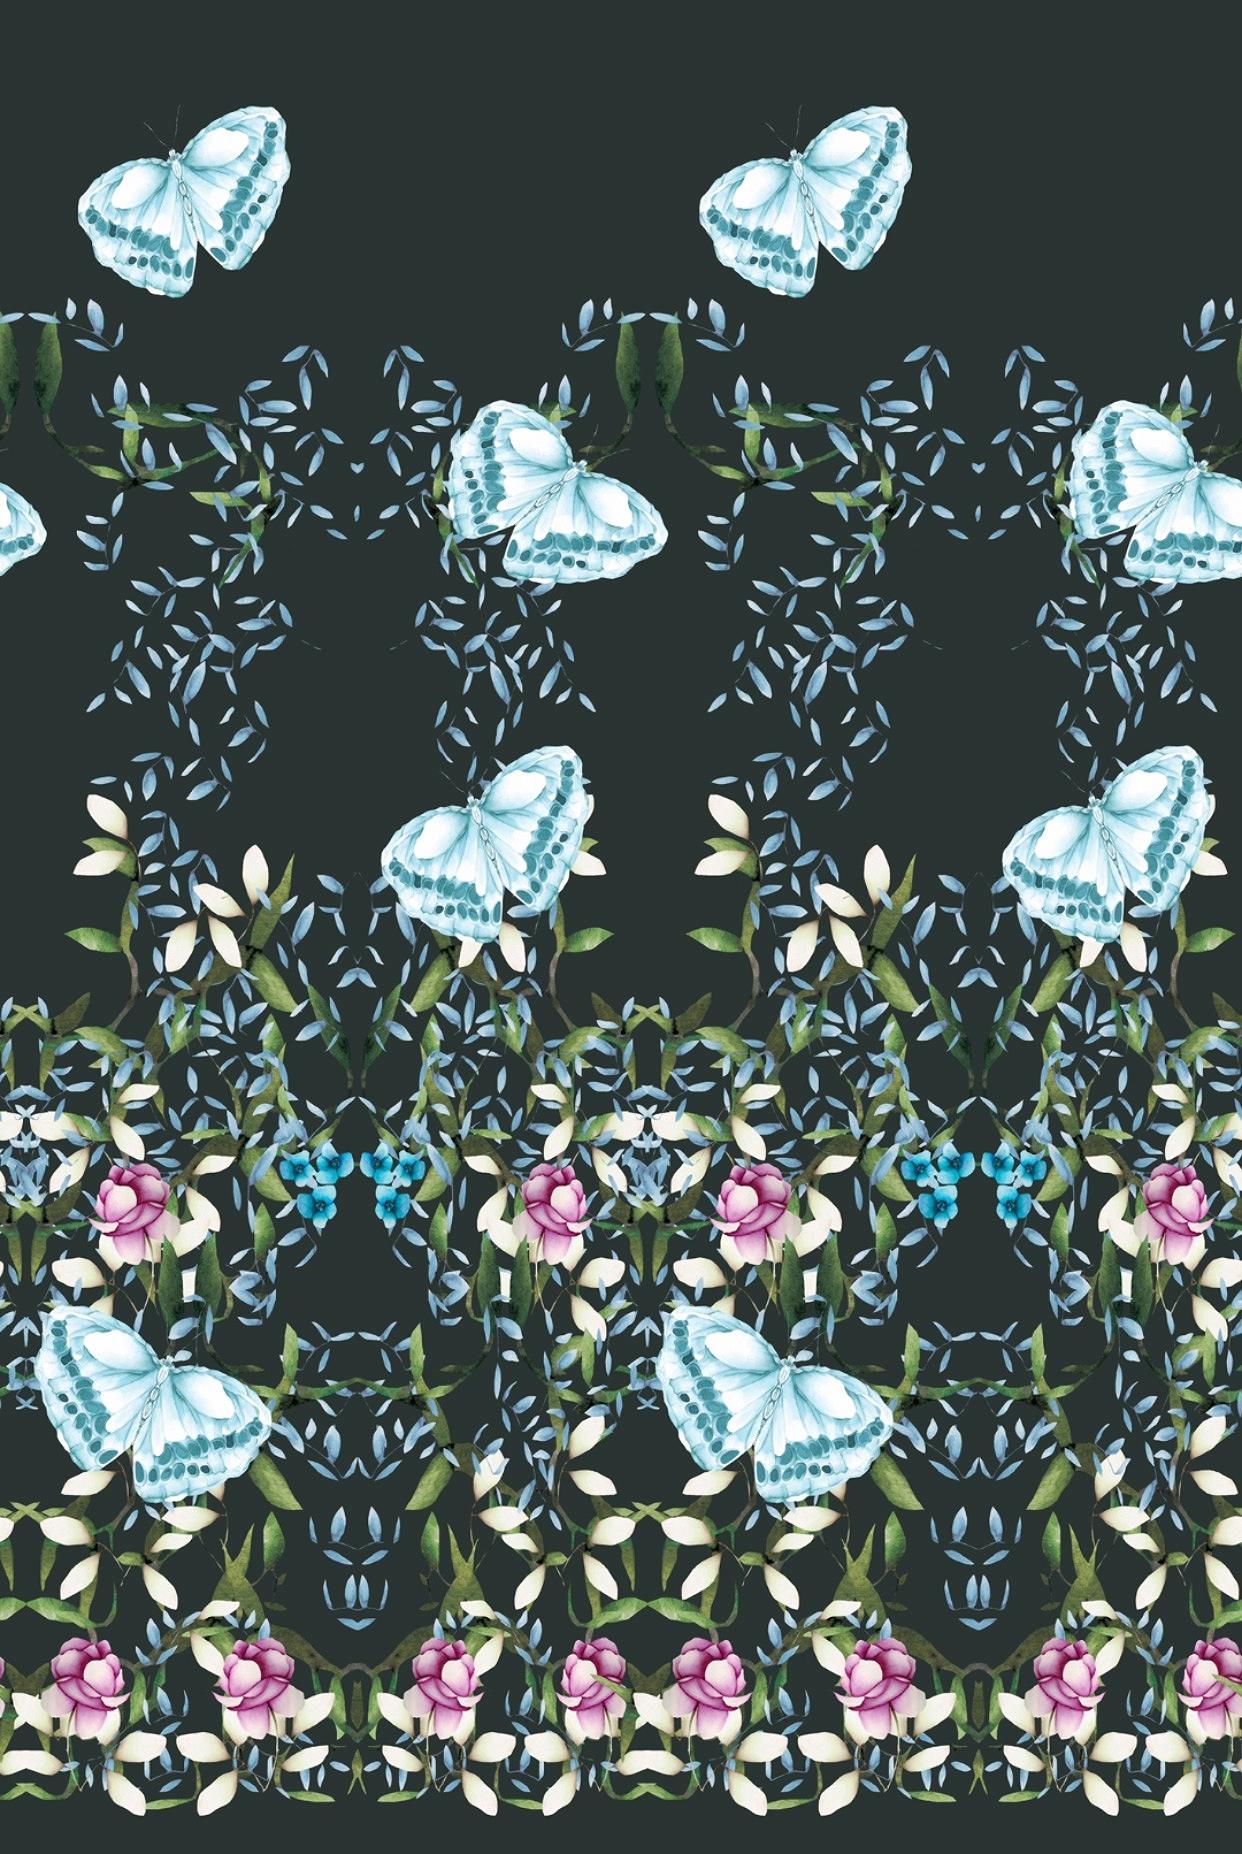 FlyingStripe_ckd_wallpaper.jpg